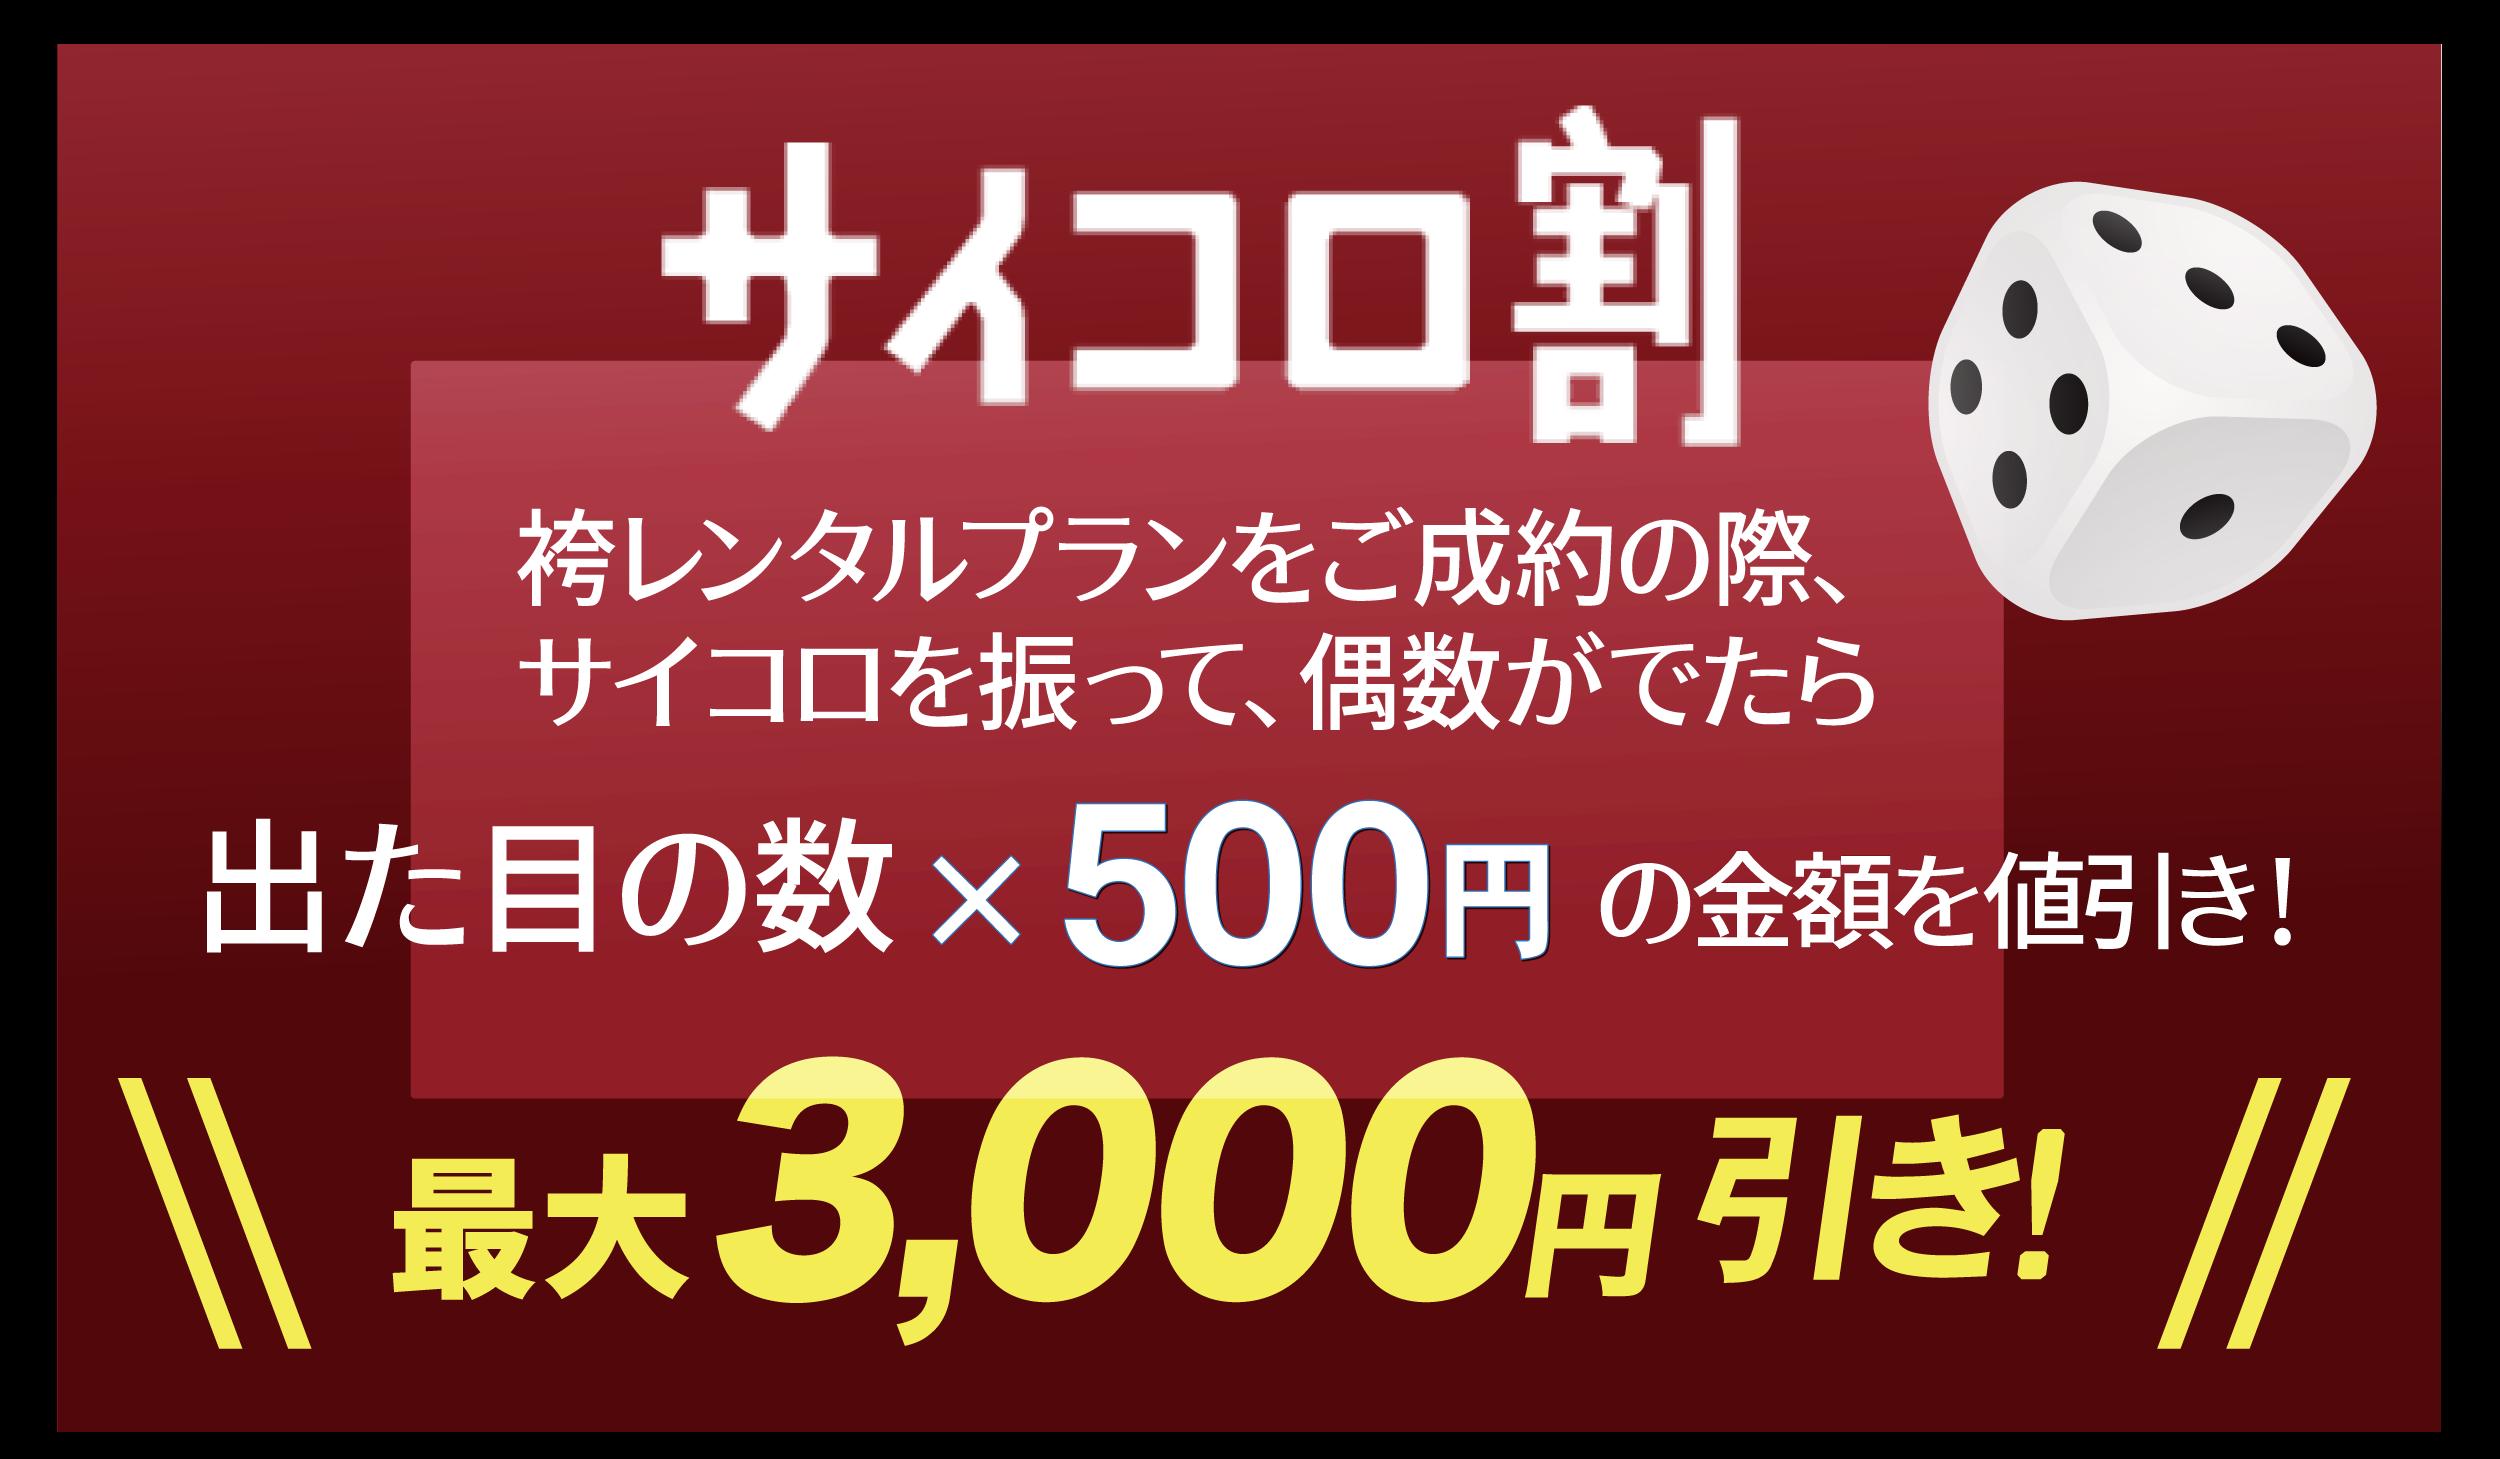 男性袴キャンペーン情報12月末まで_サイコロ割